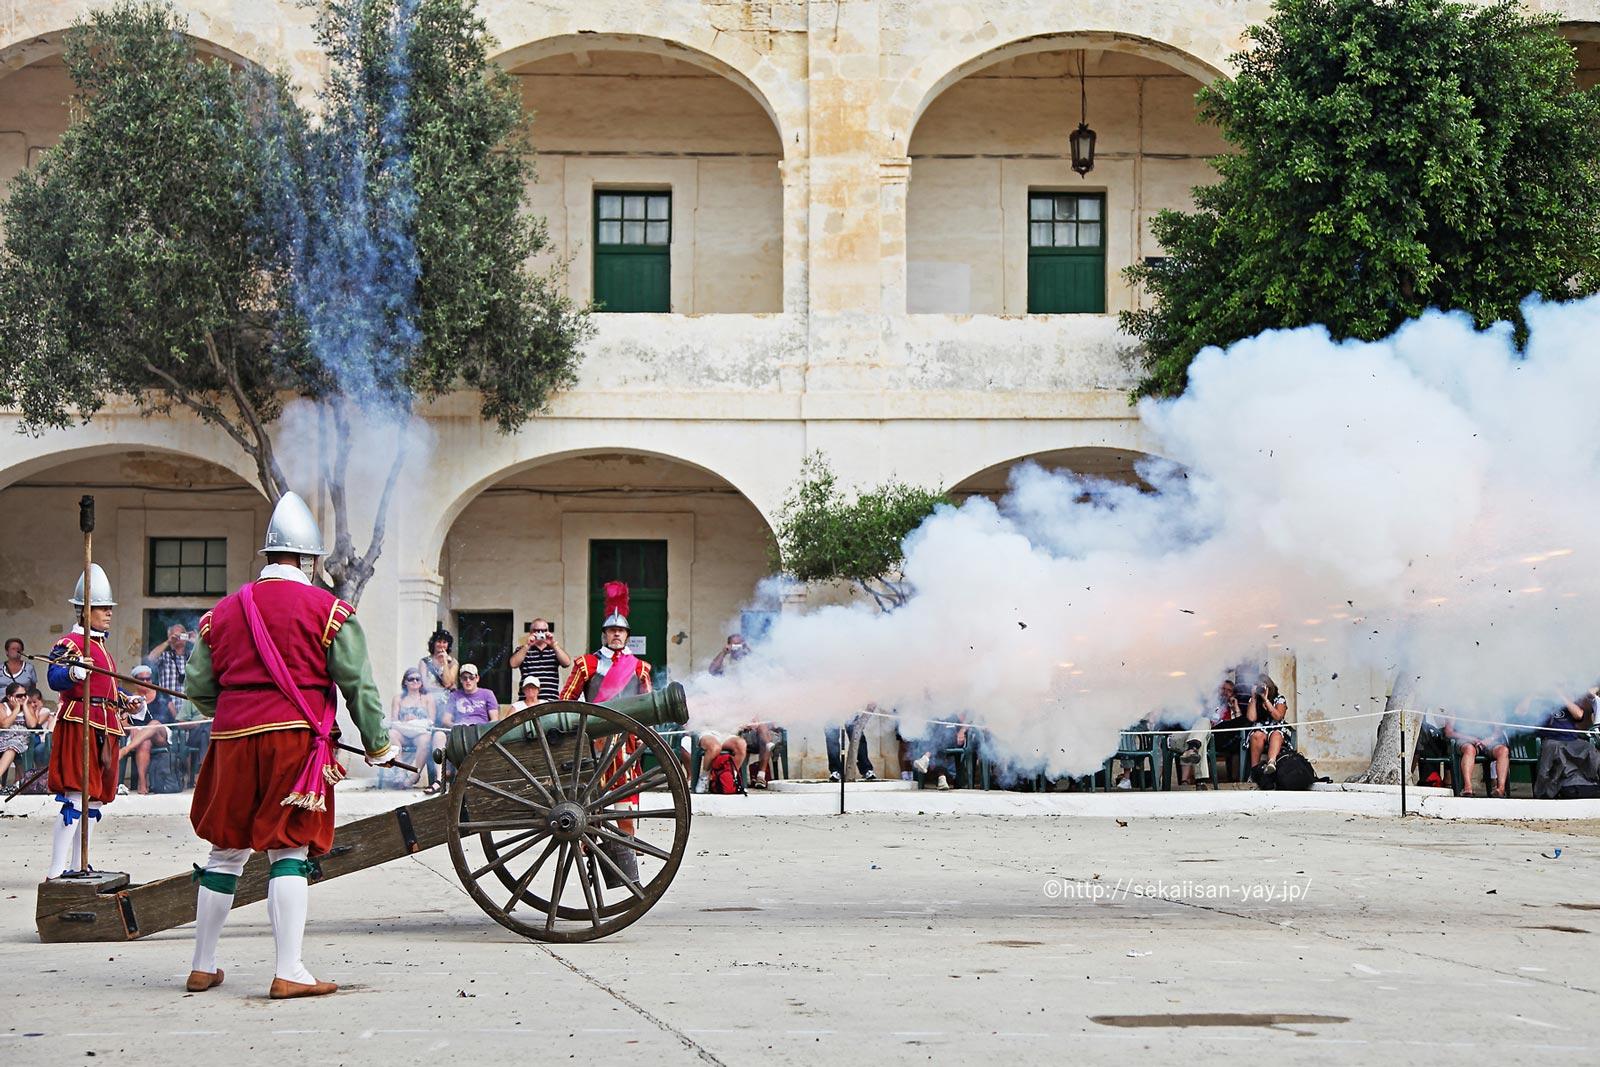 マルタ「ヴァレッタ市街」- 大砲